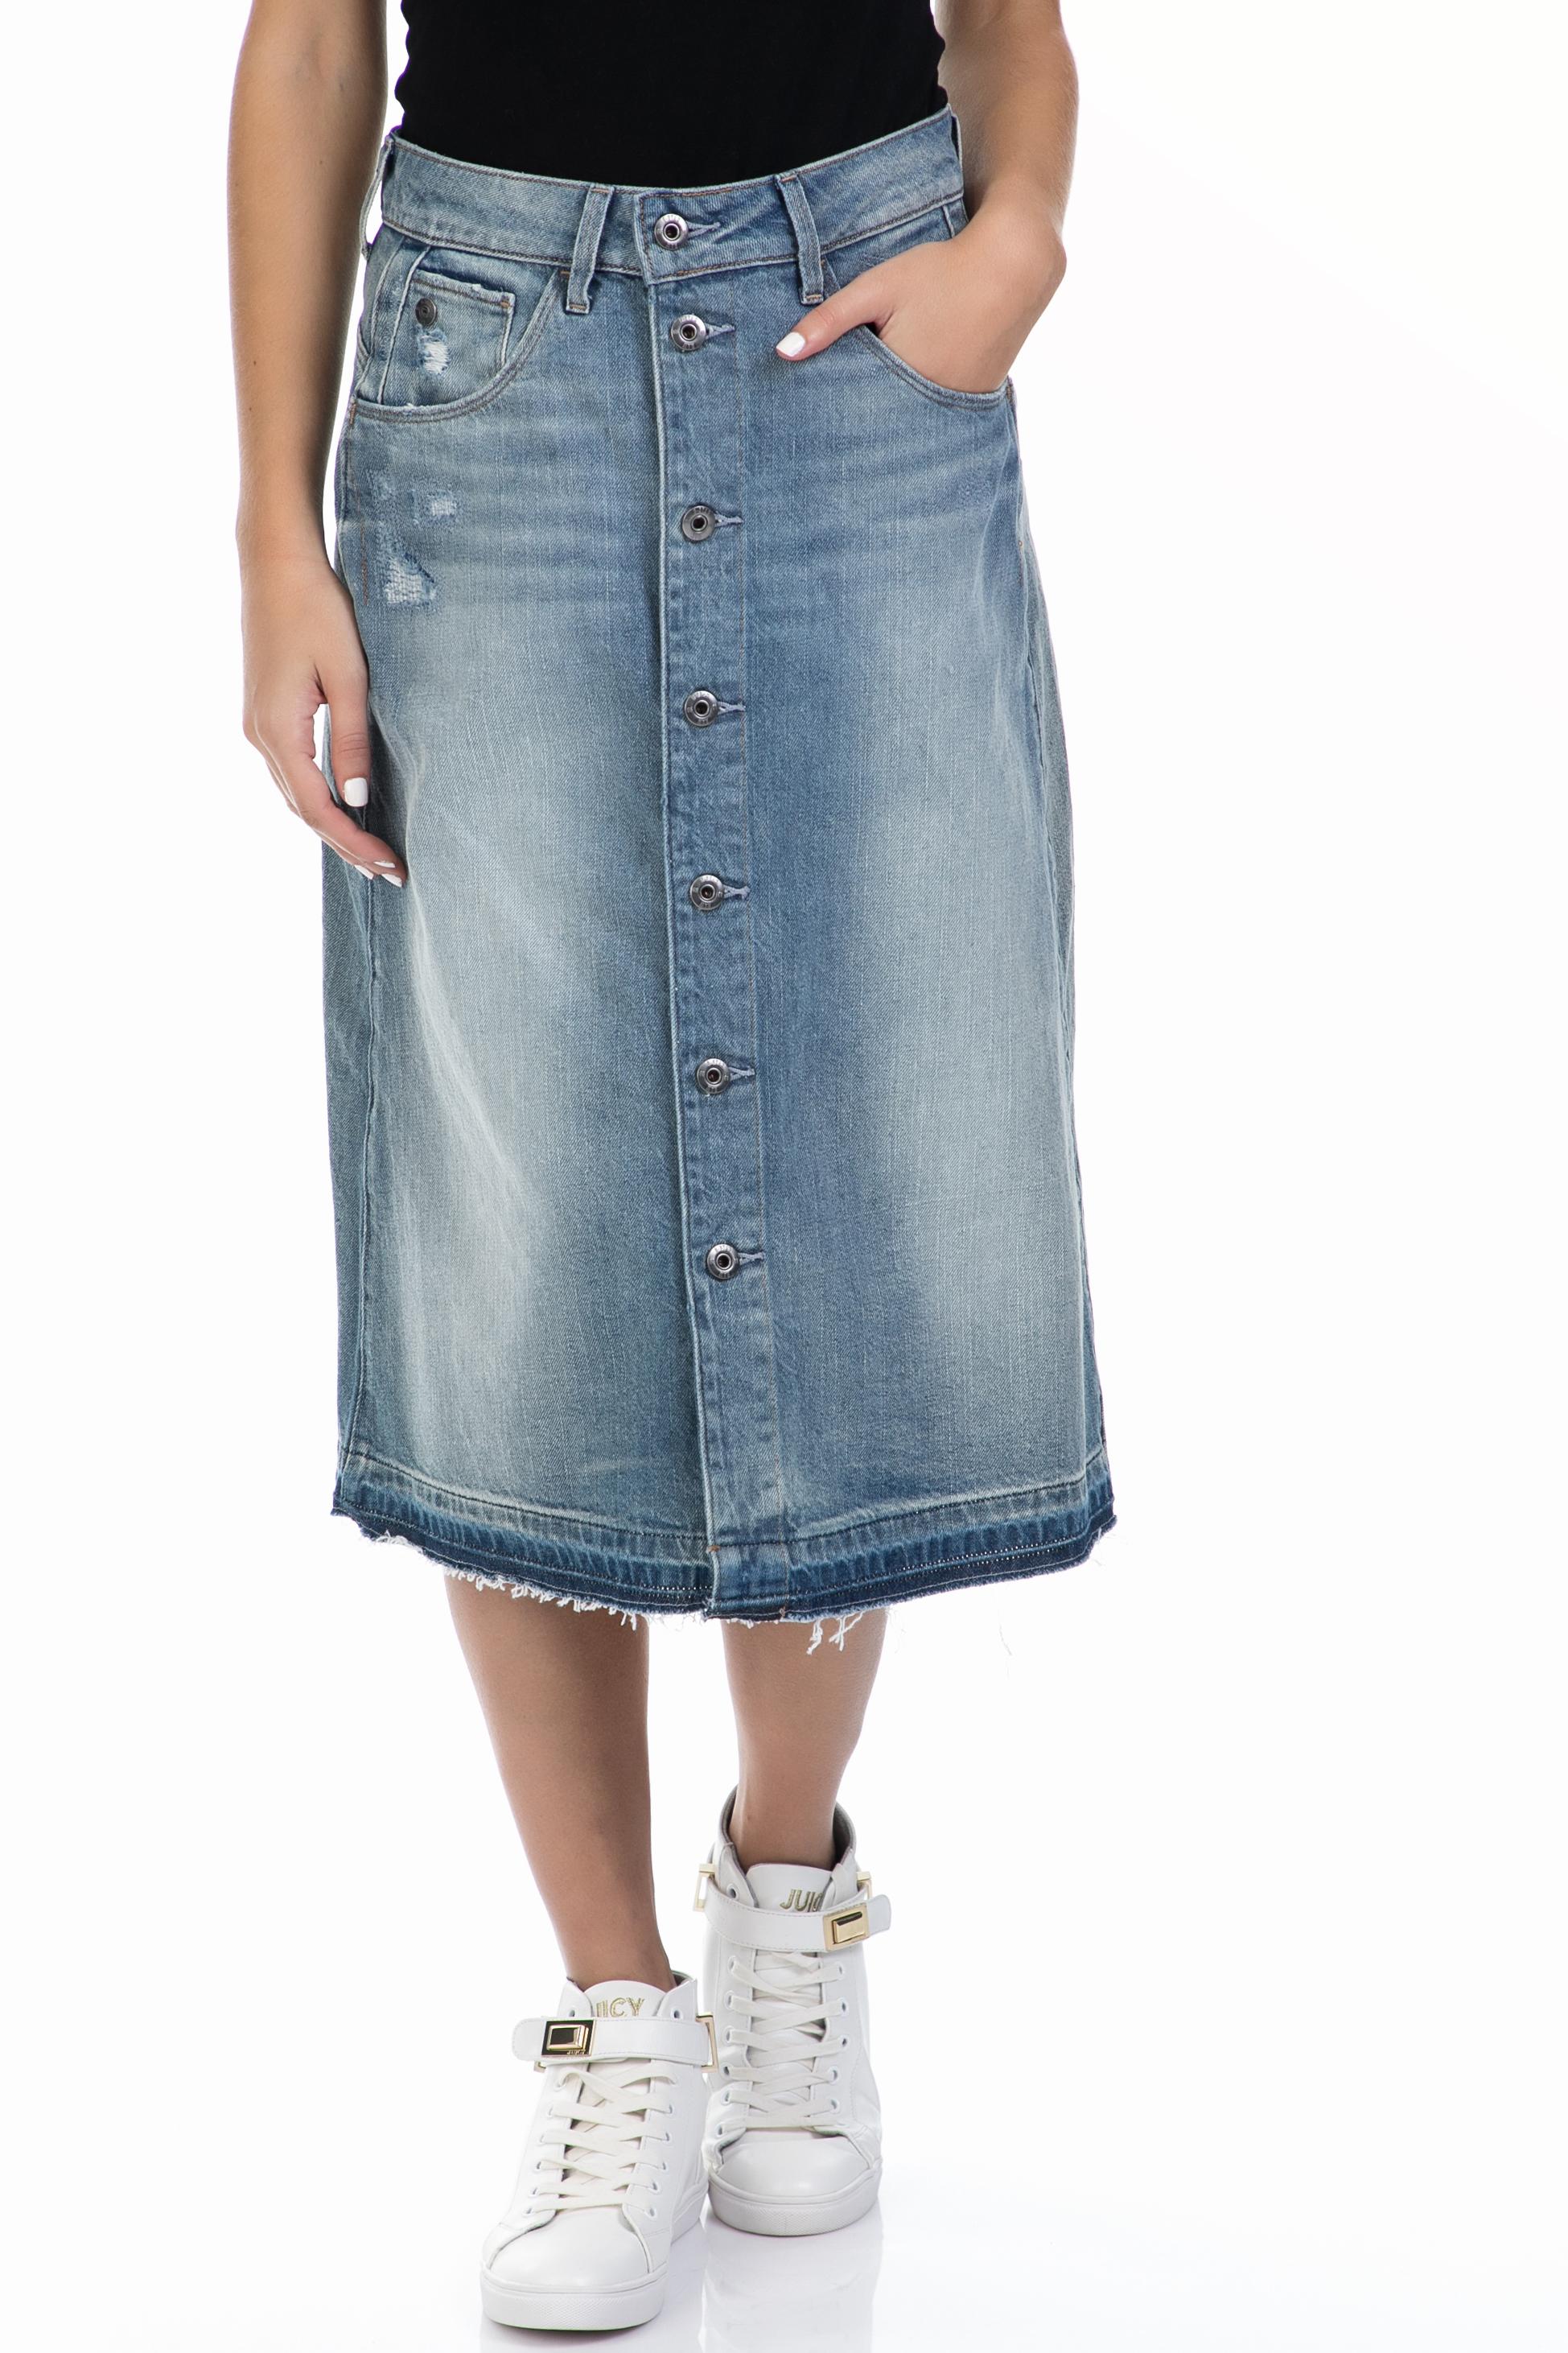 G-STAR - Γυναικεία φούστα G-STAR RAW μπλε γυναικεία ρούχα φούστες μέχρι το γόνατο